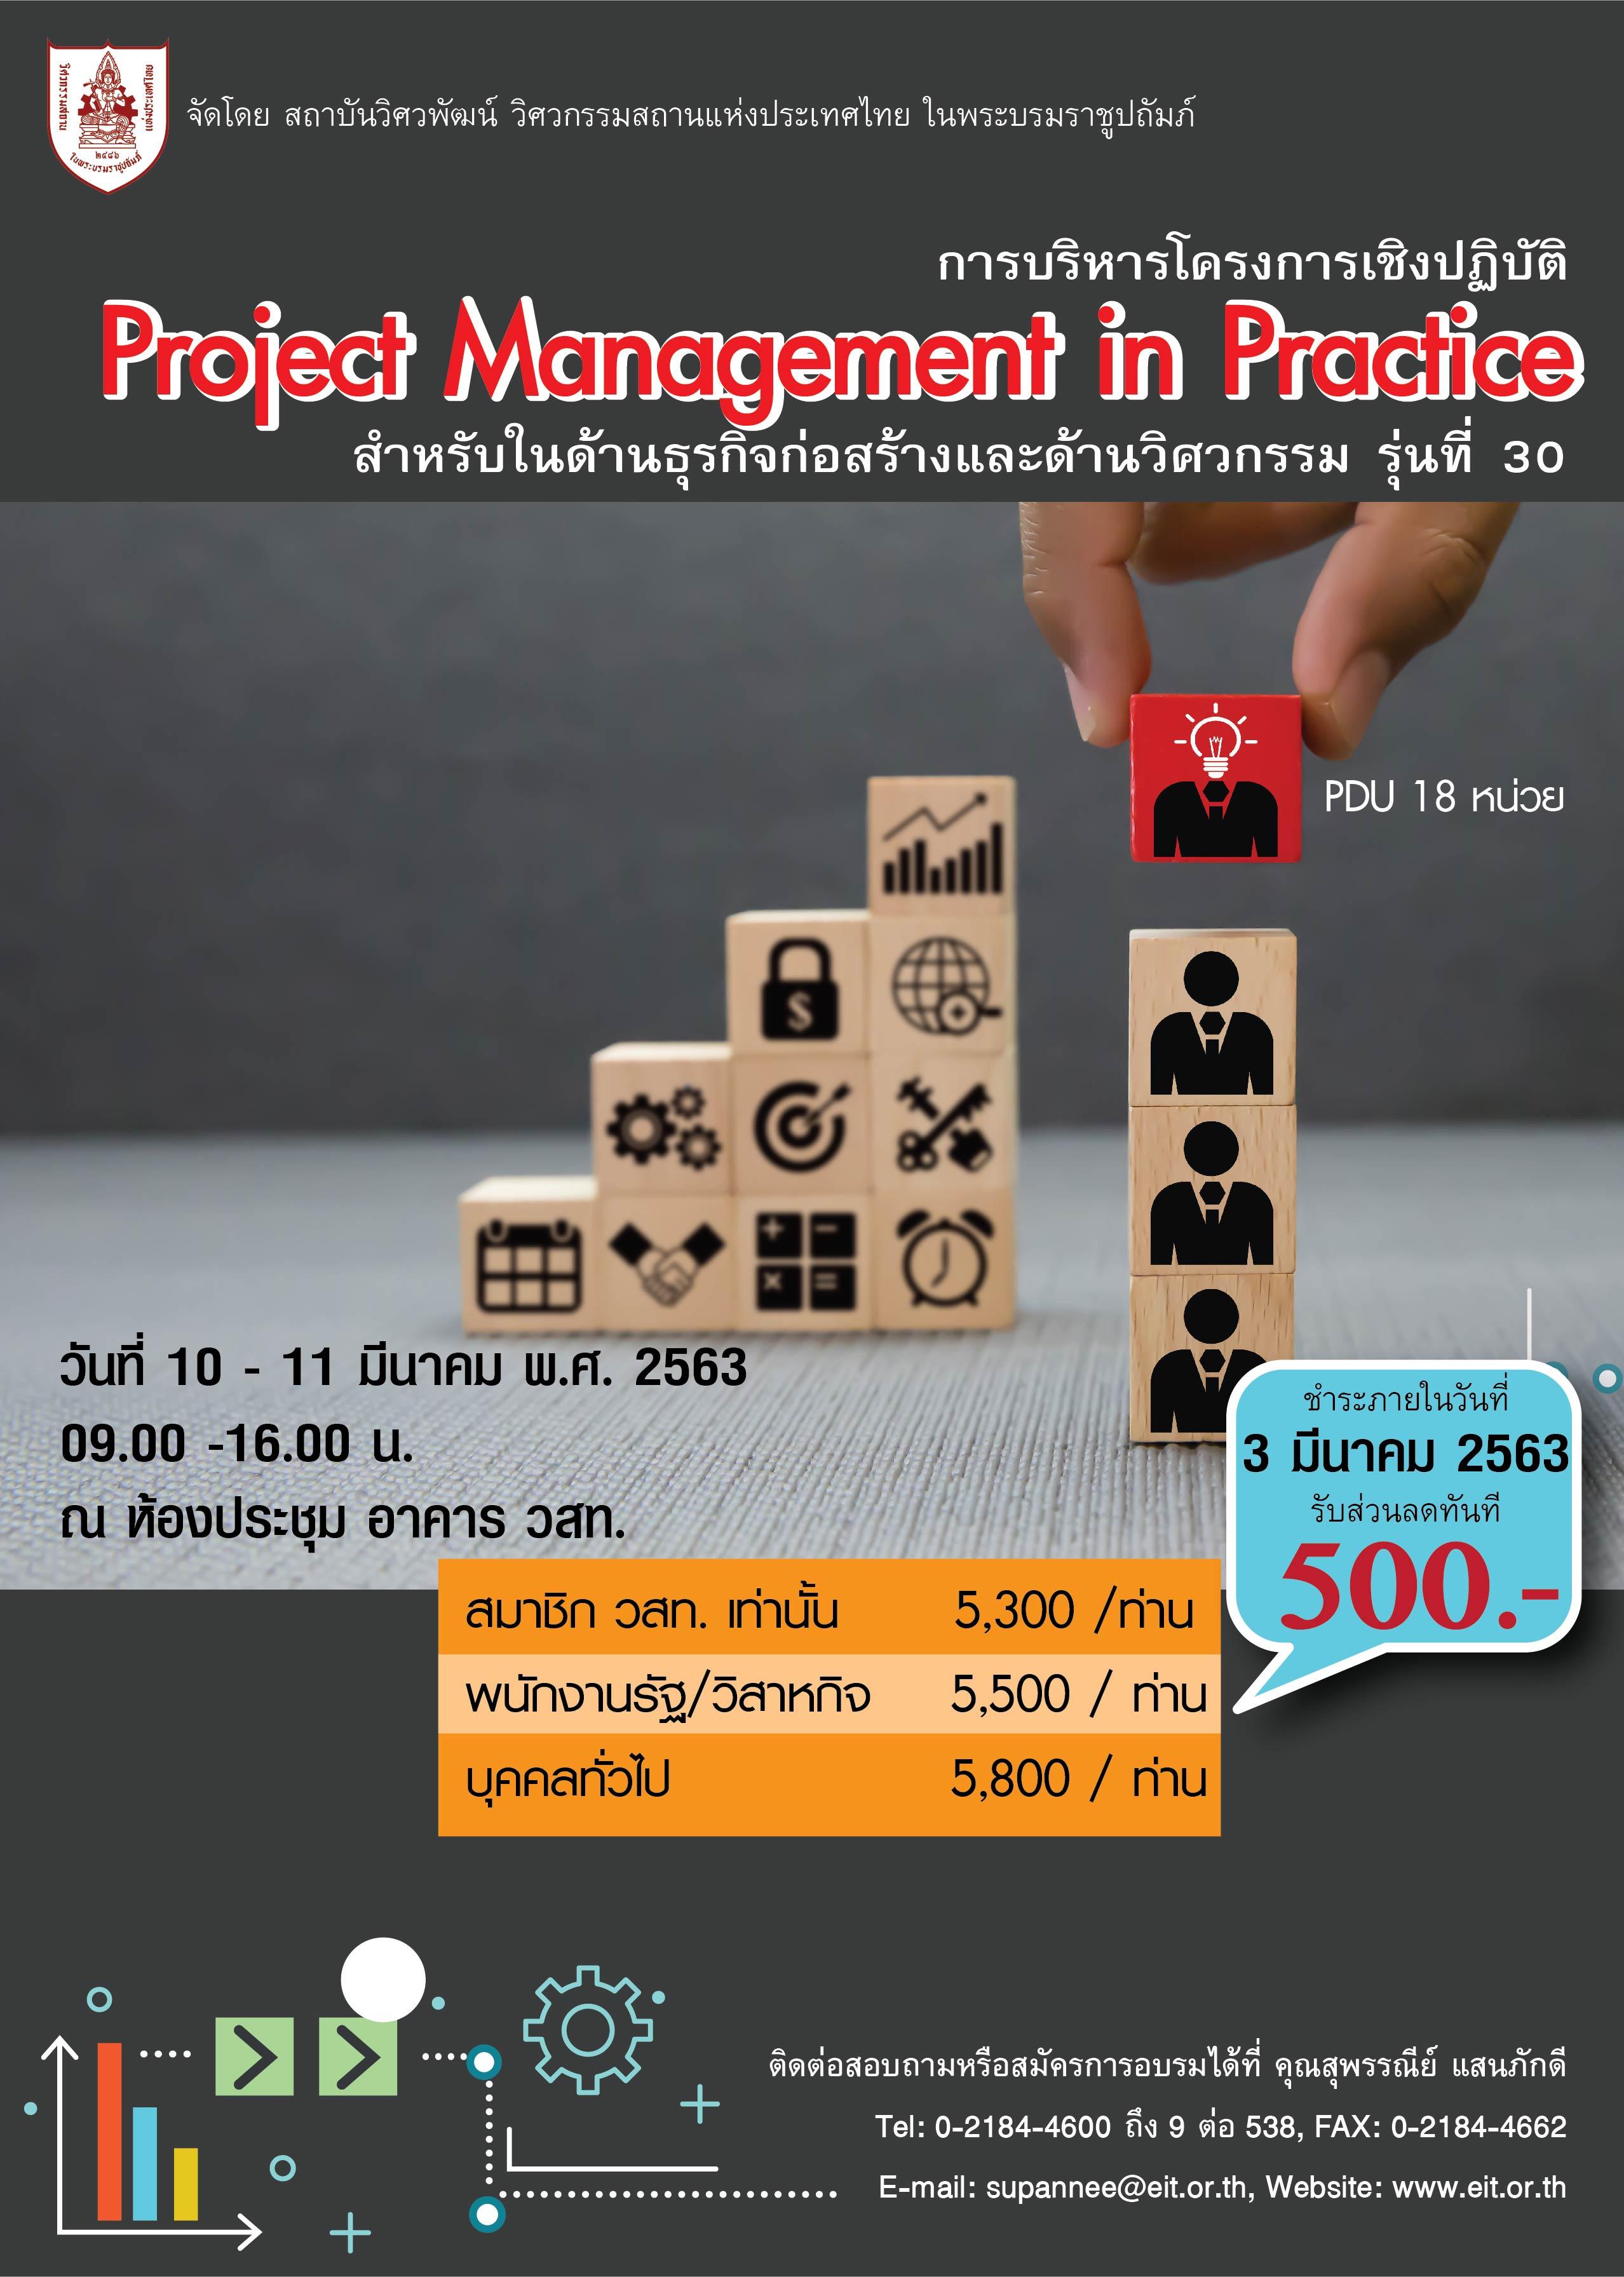 10-11/03/2563 โครงการอบรมเชิงปฏิบัติการหลักสูตร  การบริหารโครงการเชิงปฏิบัติ  (Project Management in Practice)  สำหรับในด้านธุรกิจก่อสร้างและด้านวิศวกรรม    รุ่นที่ 30